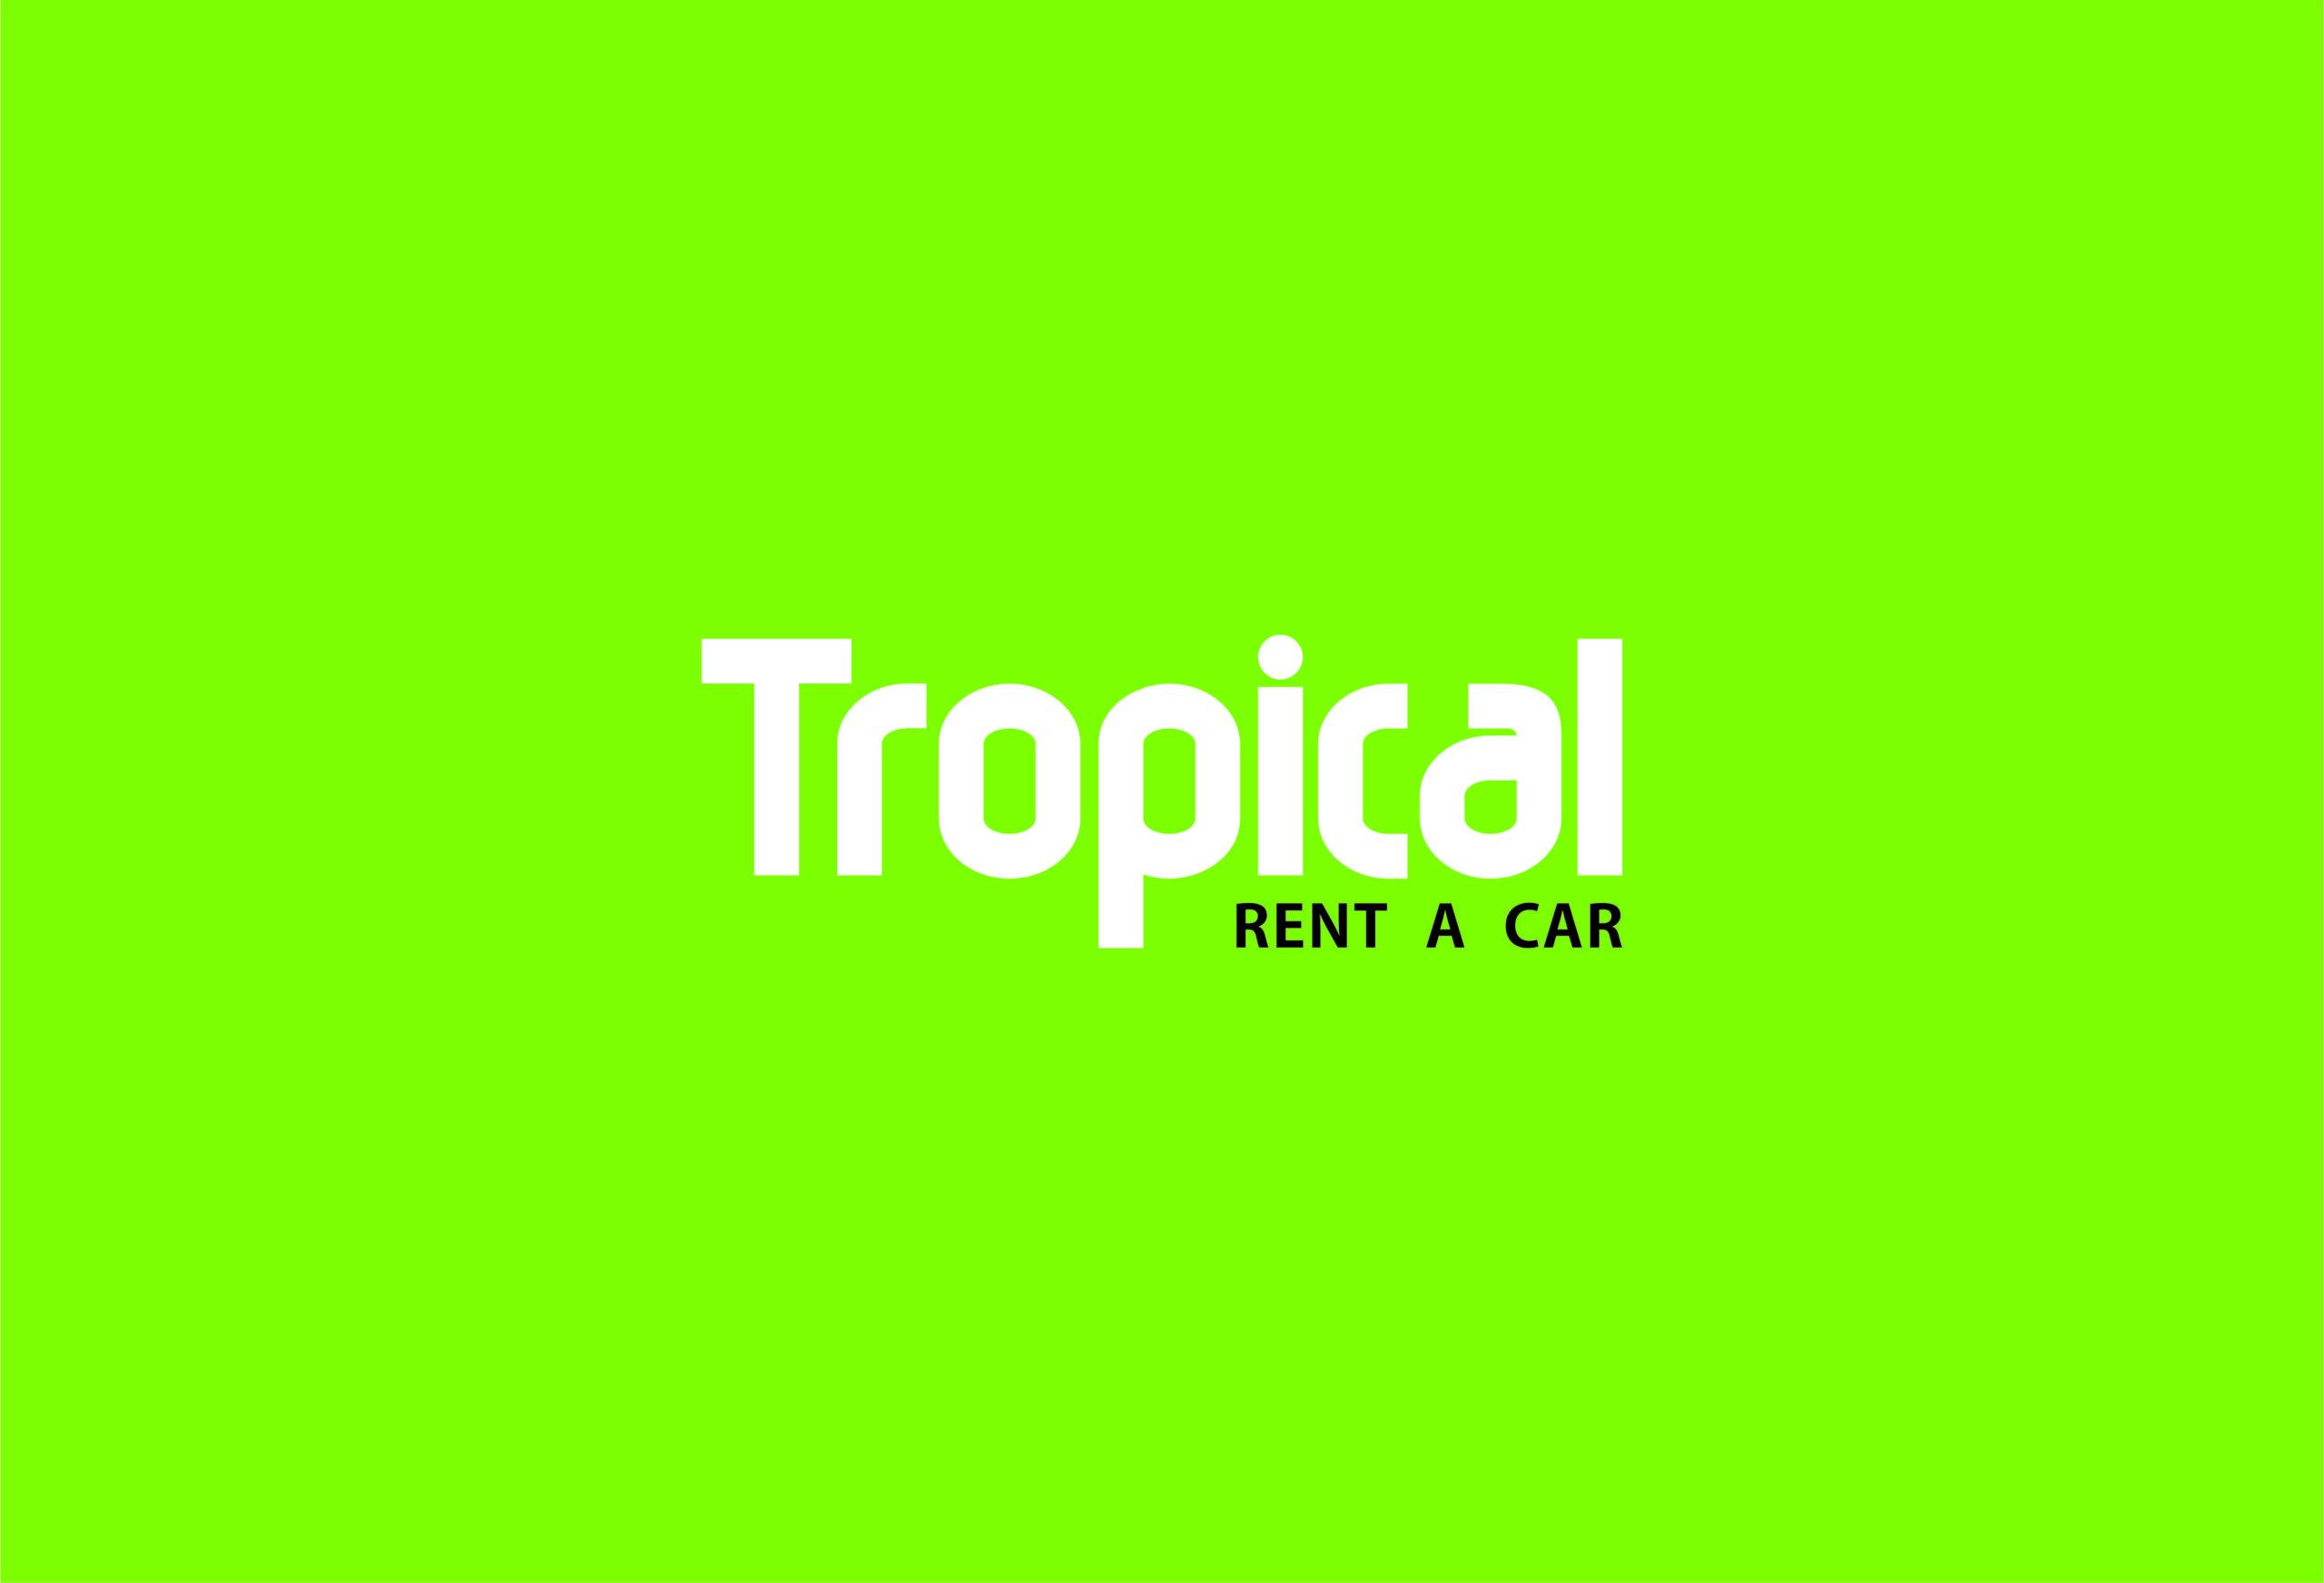 Rent a car Tropical